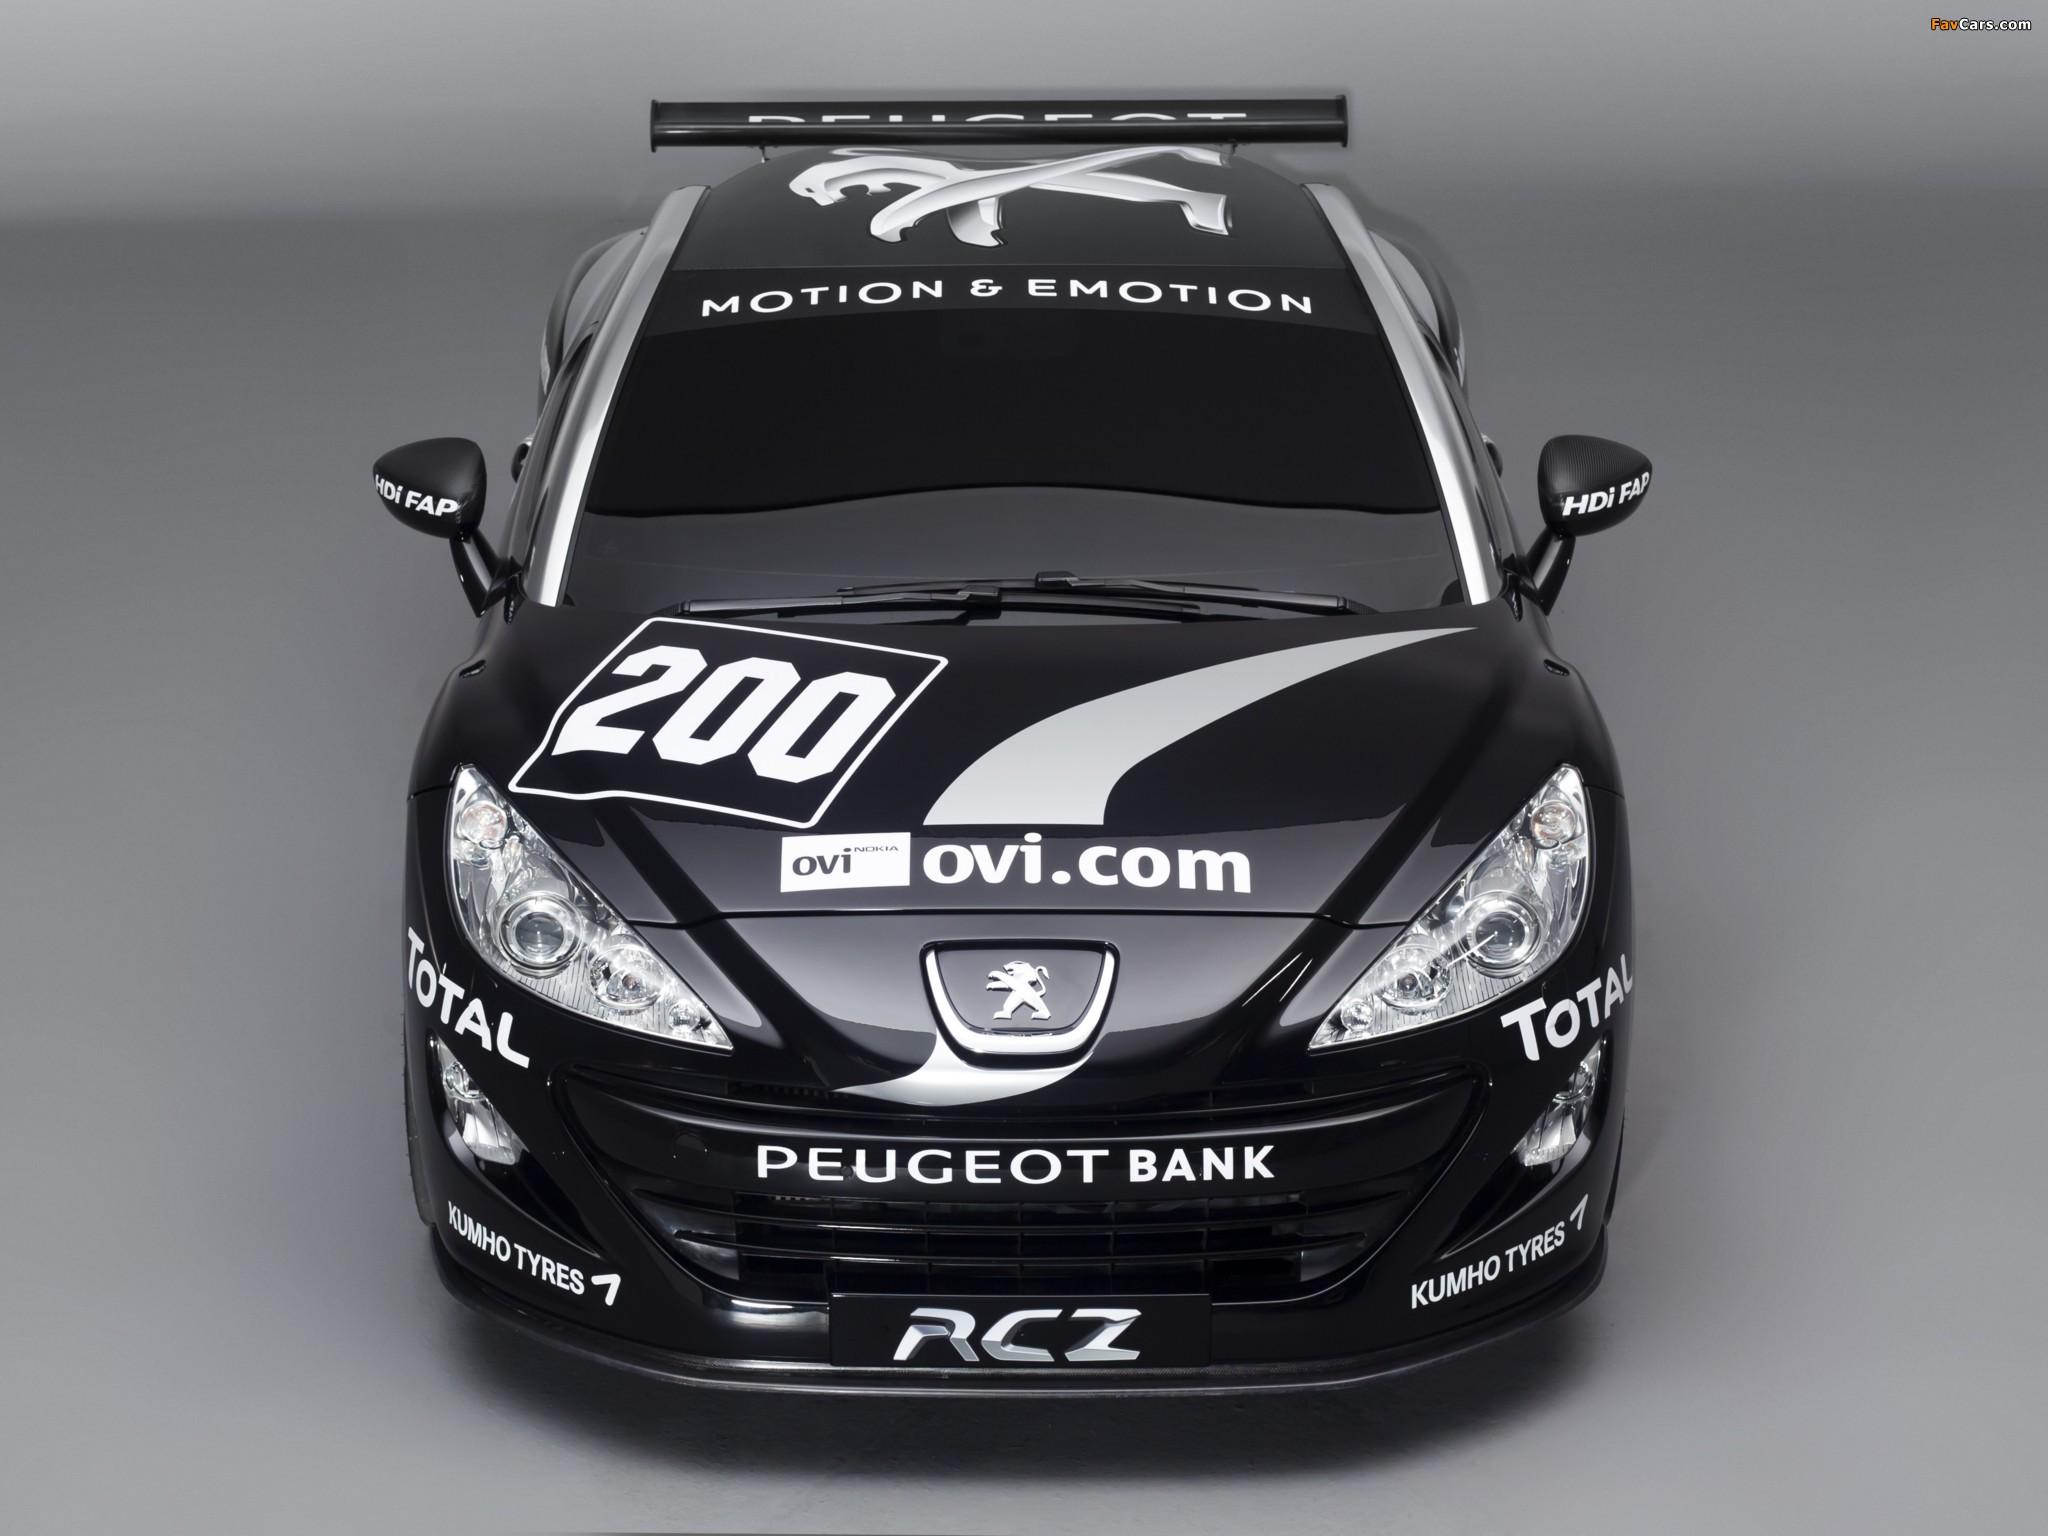 Peugeot RCZ Race Car 200ANS 2010 images (2048 x 1536)